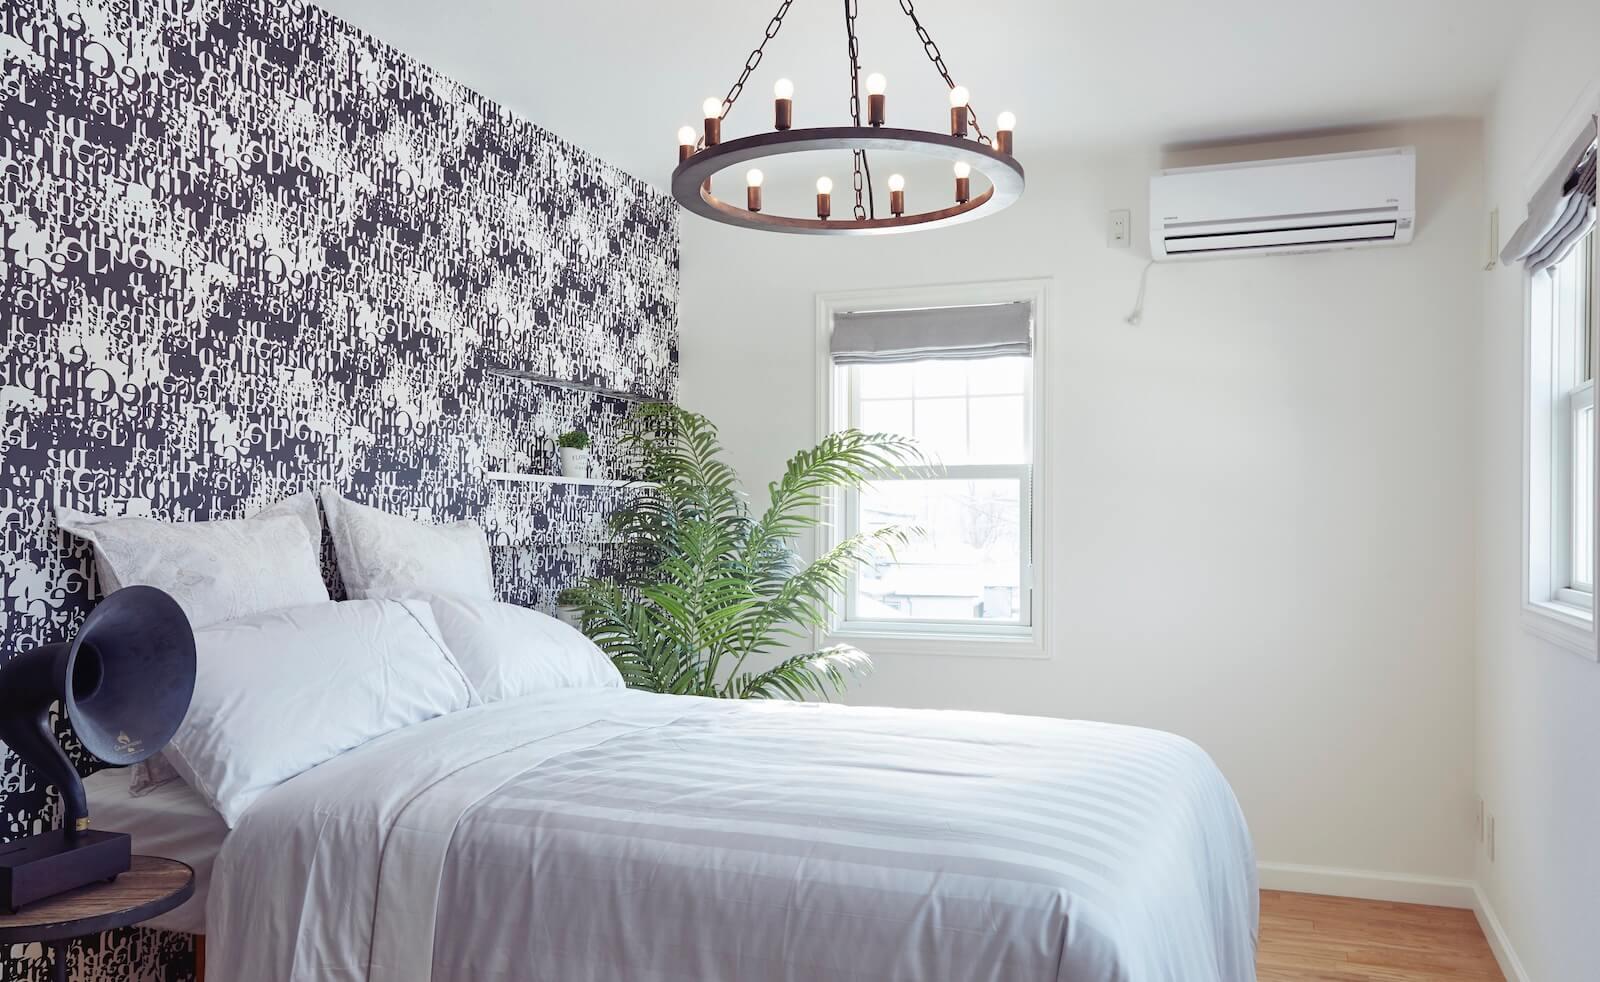 ビルトインガレージのアーリーアメリカンスタイルの輸入住宅の寝室